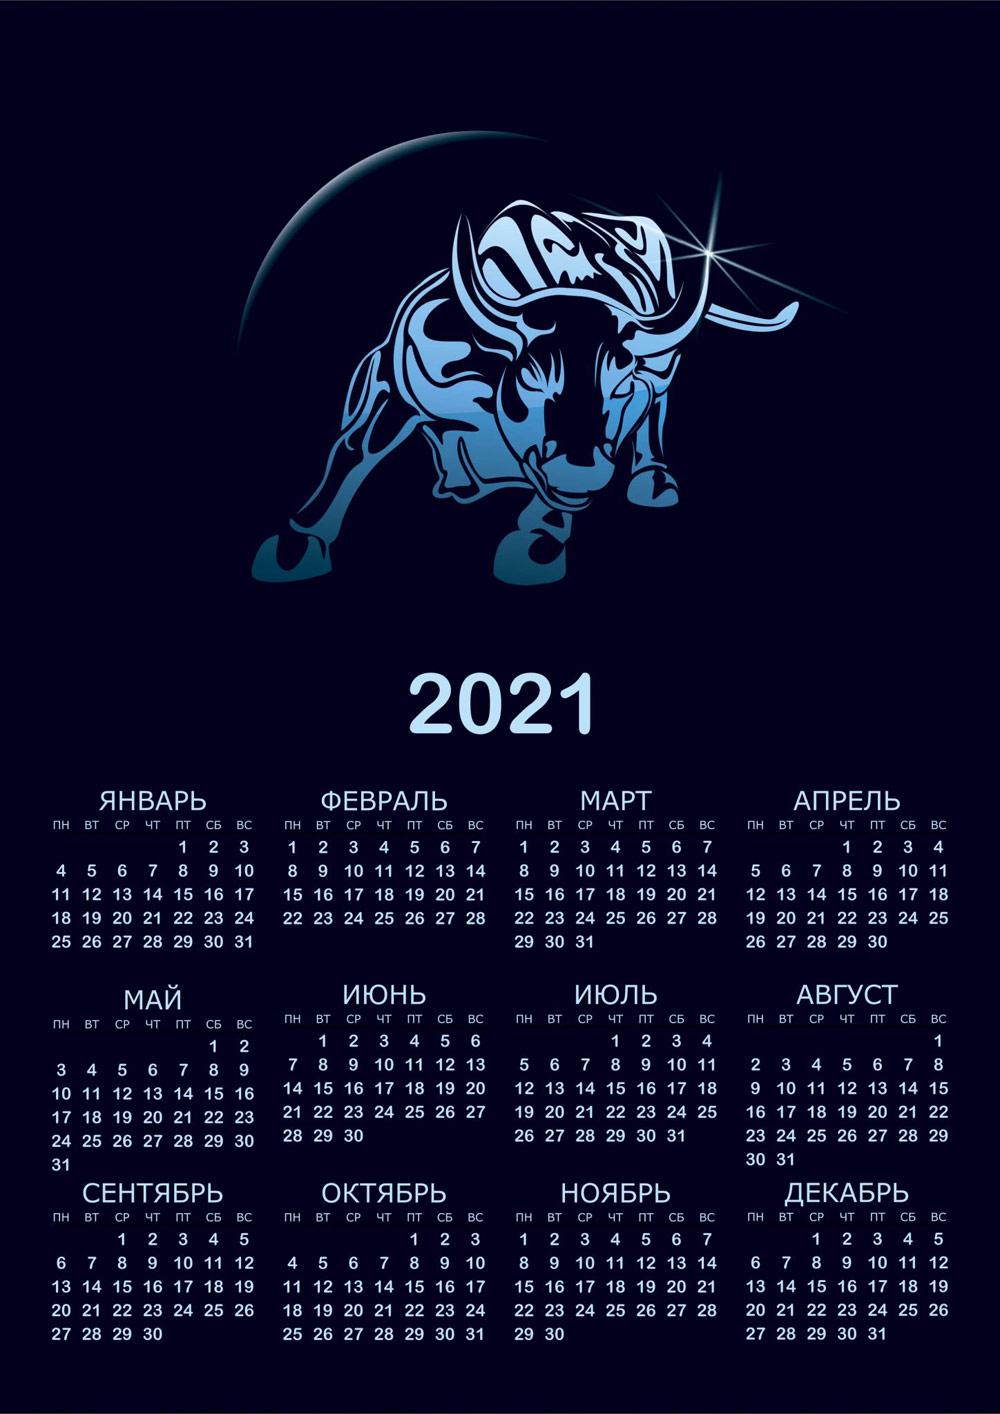 kalendar-na-novyj-god-byka-2021-s-izobrazheniem-simvola-goda-9